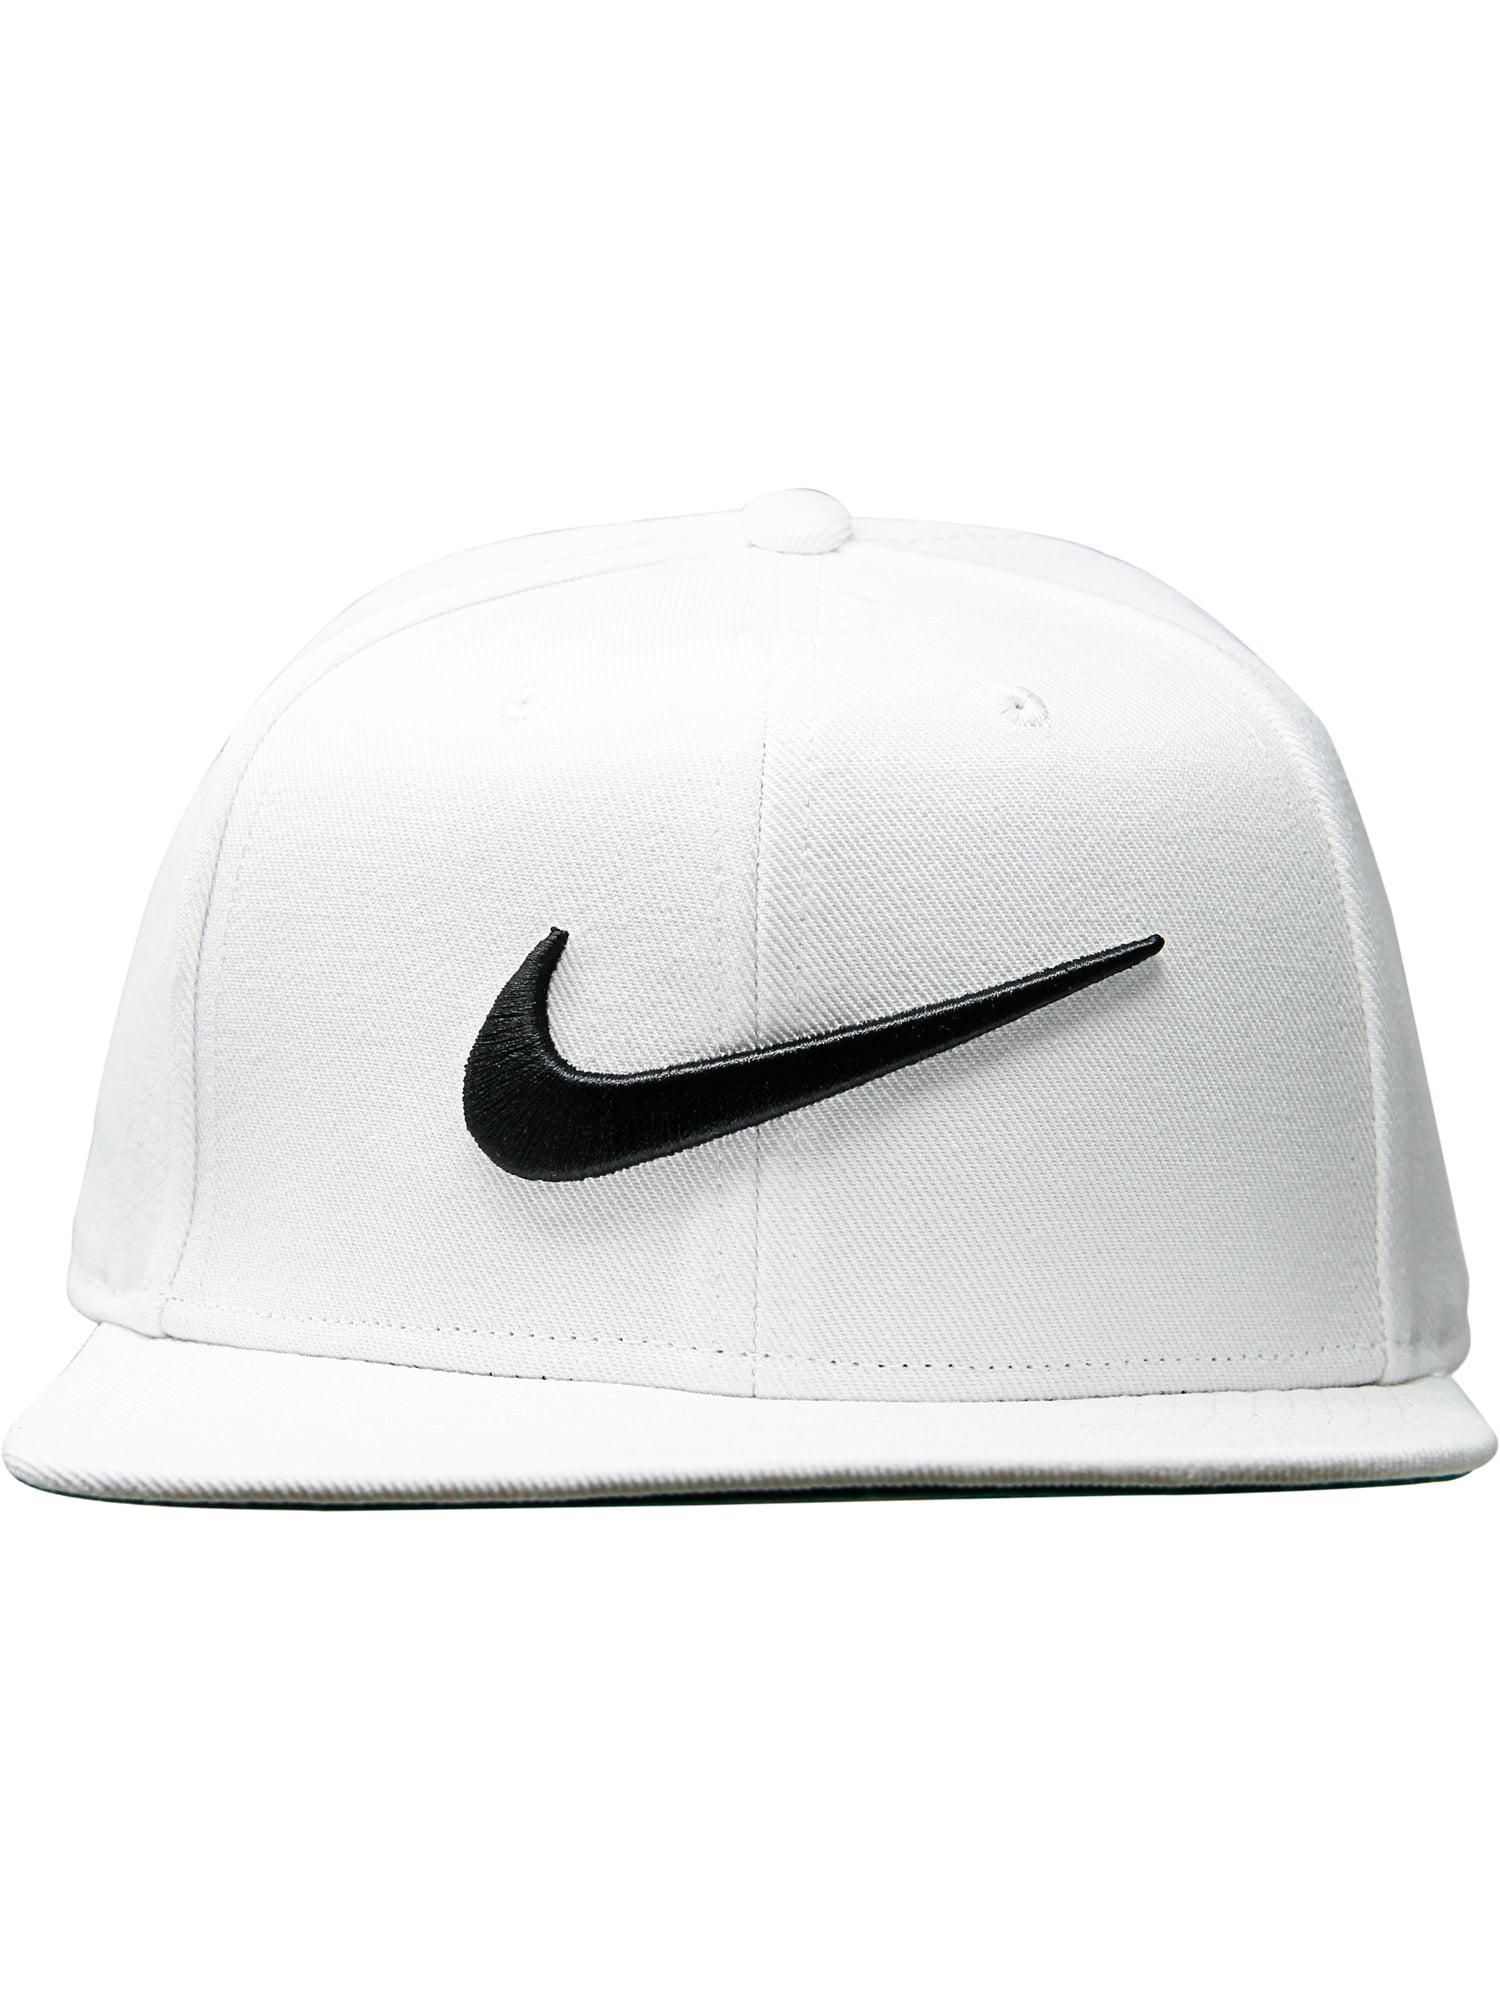 Nike White   Black Pro Swoosh Classic Snapback Hat - One Size 471b31e6e40a